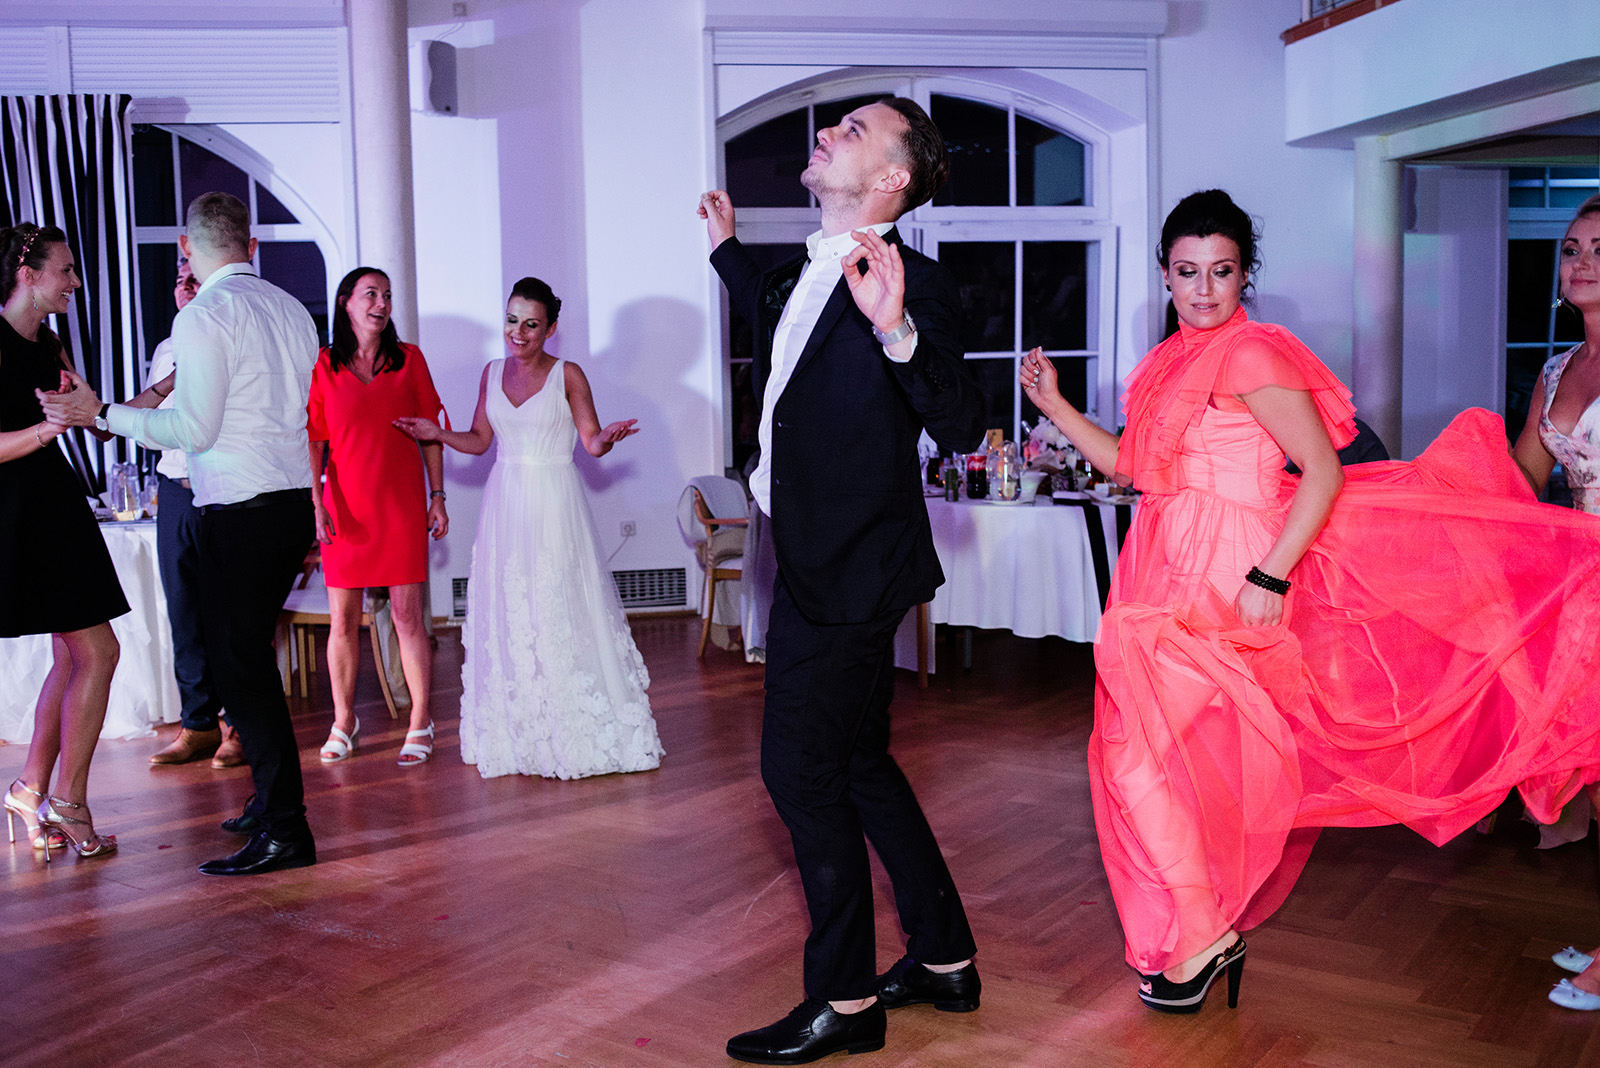 naturalna fotografia slubna - wesele w palacu krzyzowa - taniec gosci